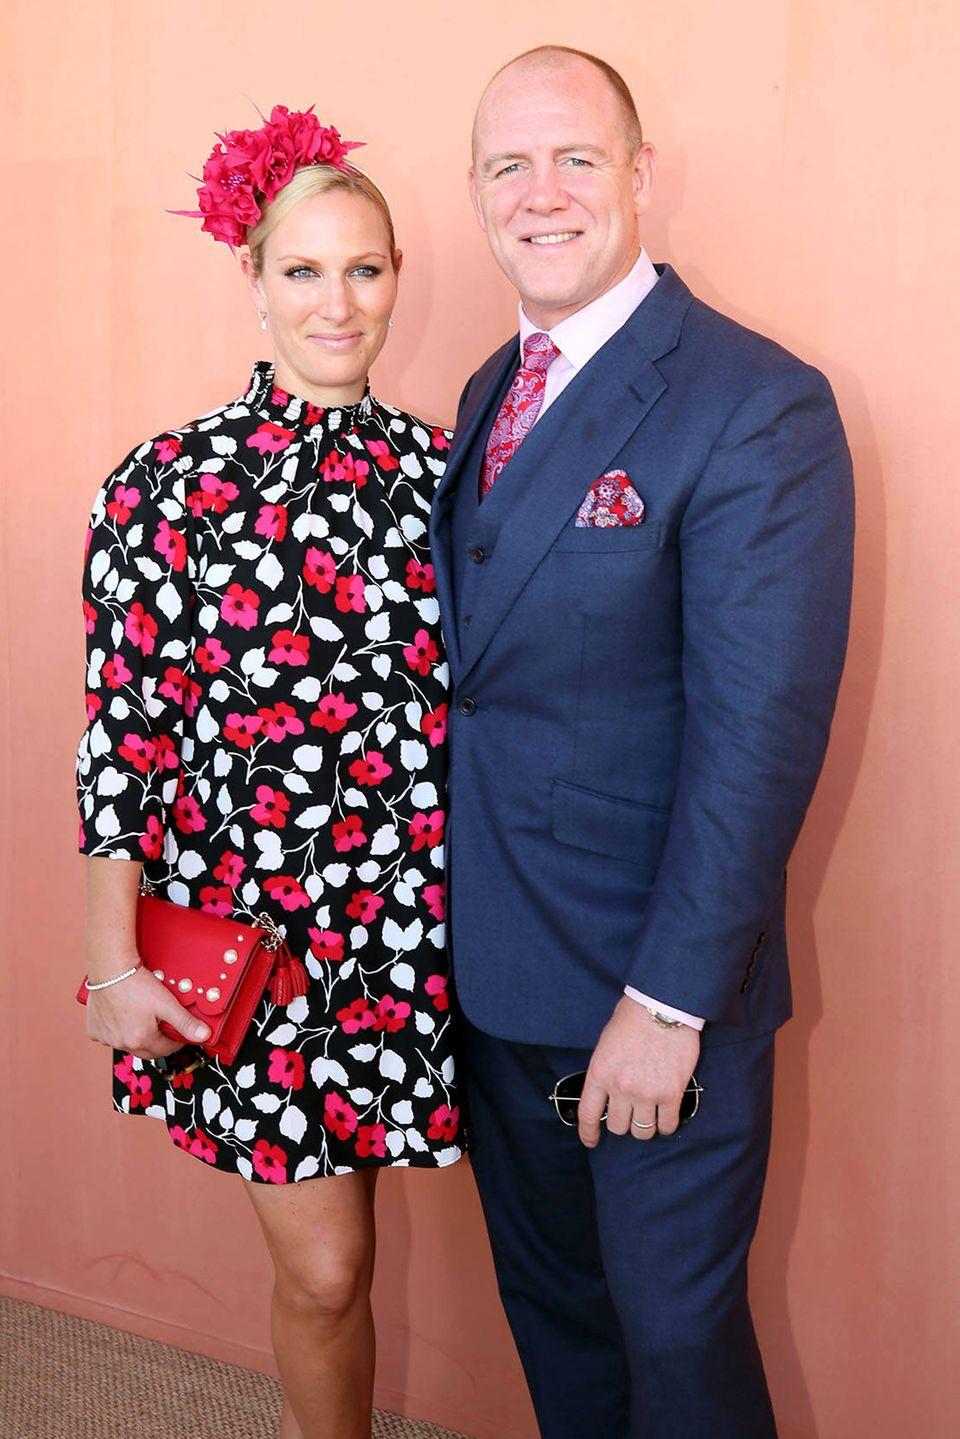 """Zara Phillips und Mike Tindall besuchen in Australien den """"The Star Gold Coast Magic Millions Raceday"""". Dabei hat der Fotograf einen etwas ungünstigen Ausschnitt gewählt ..."""